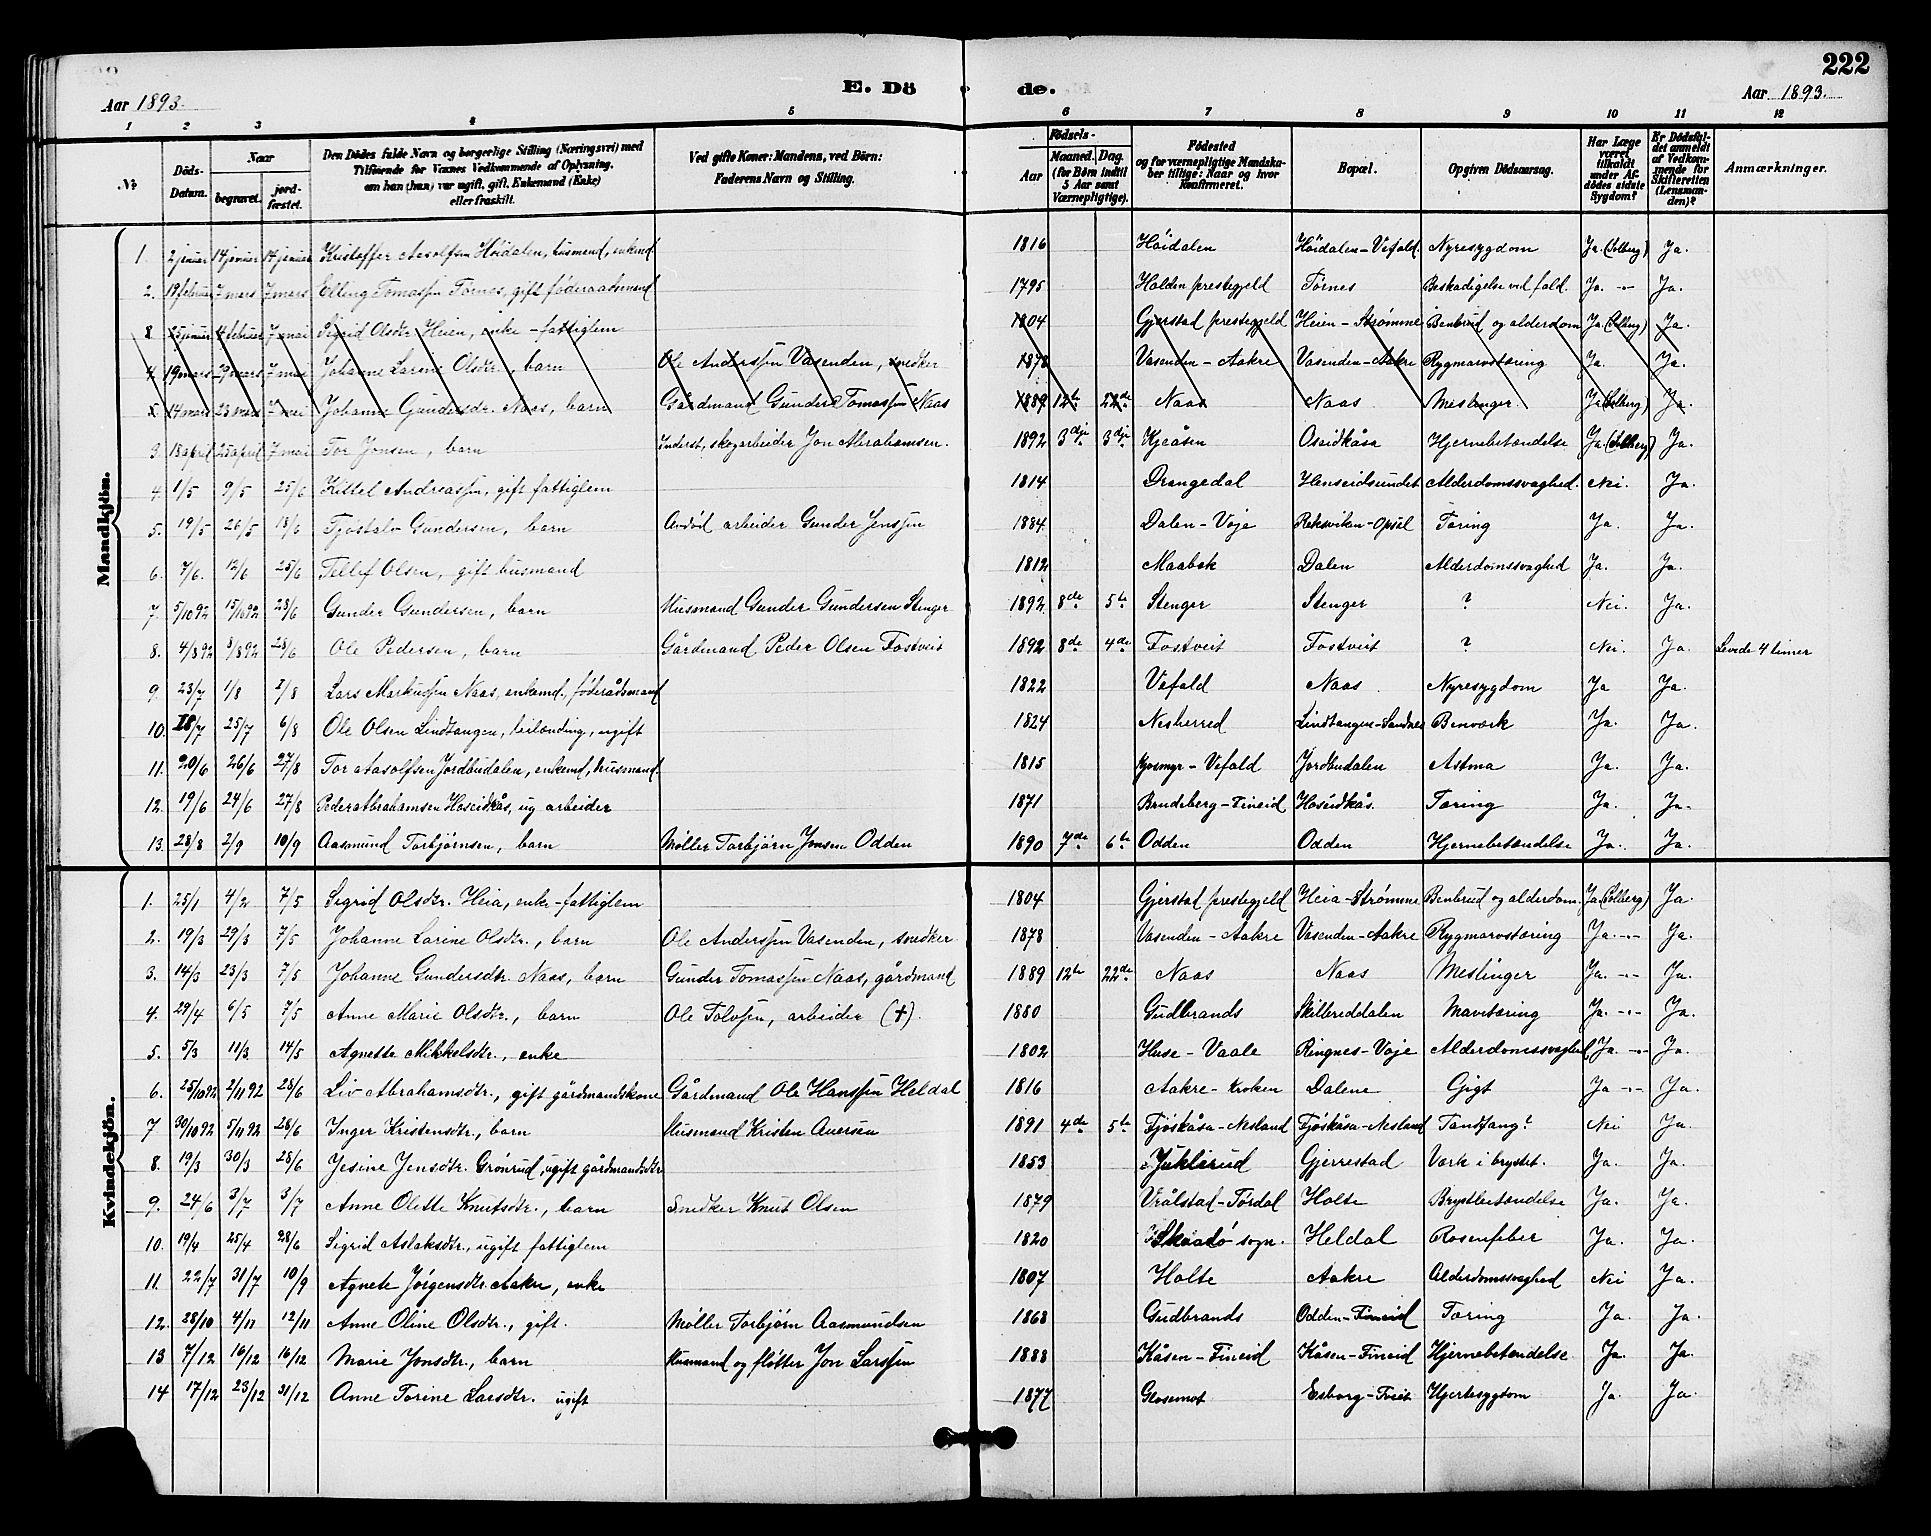 SAKO, Drangedal kirkebøker, G/Ga/L0003: Klokkerbok nr. I 3, 1887-1906, s. 222